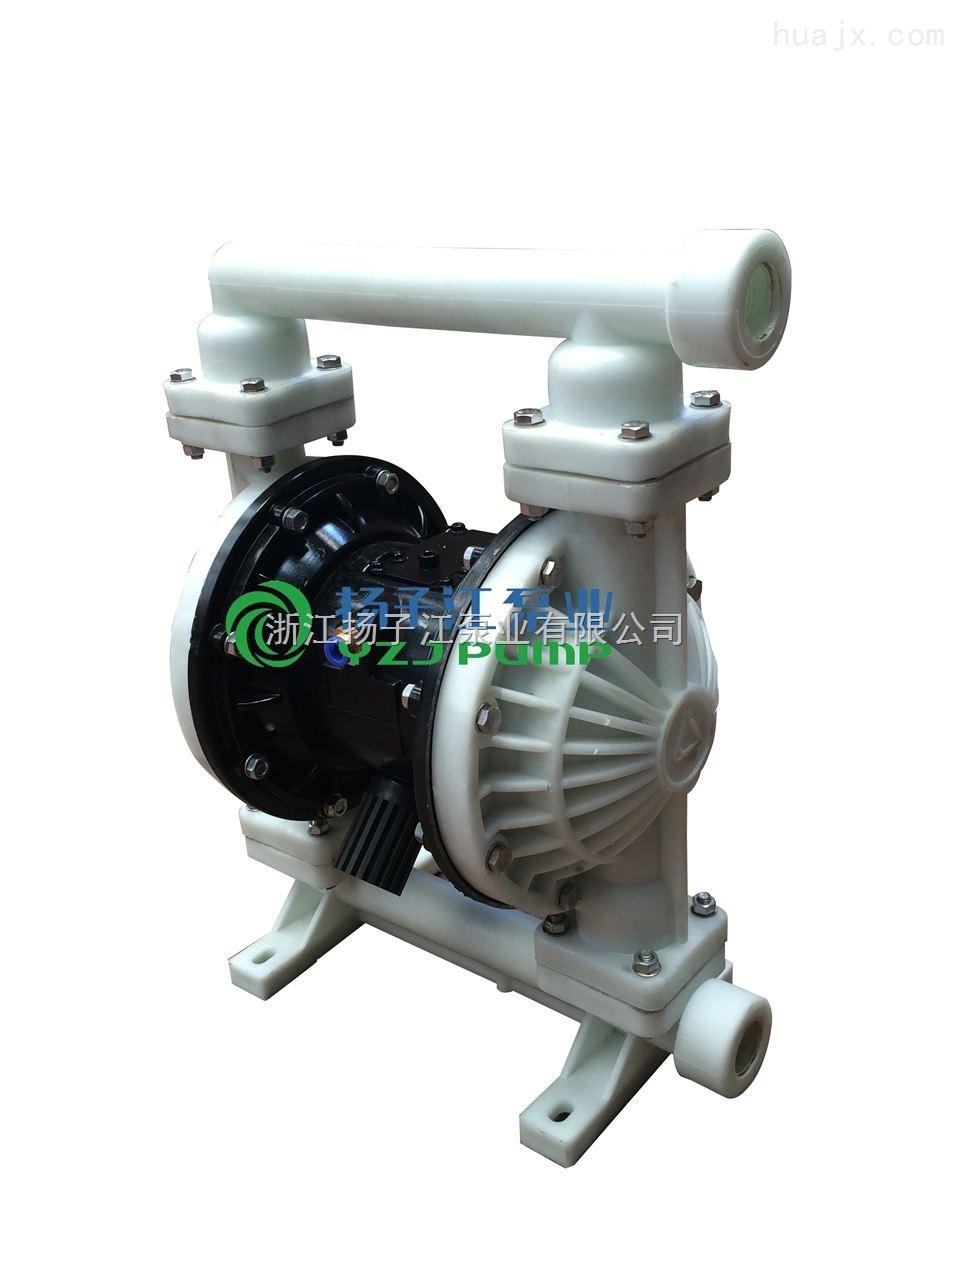 QBY型工程塑料气动隔膜泵|工程塑料隔膜泵